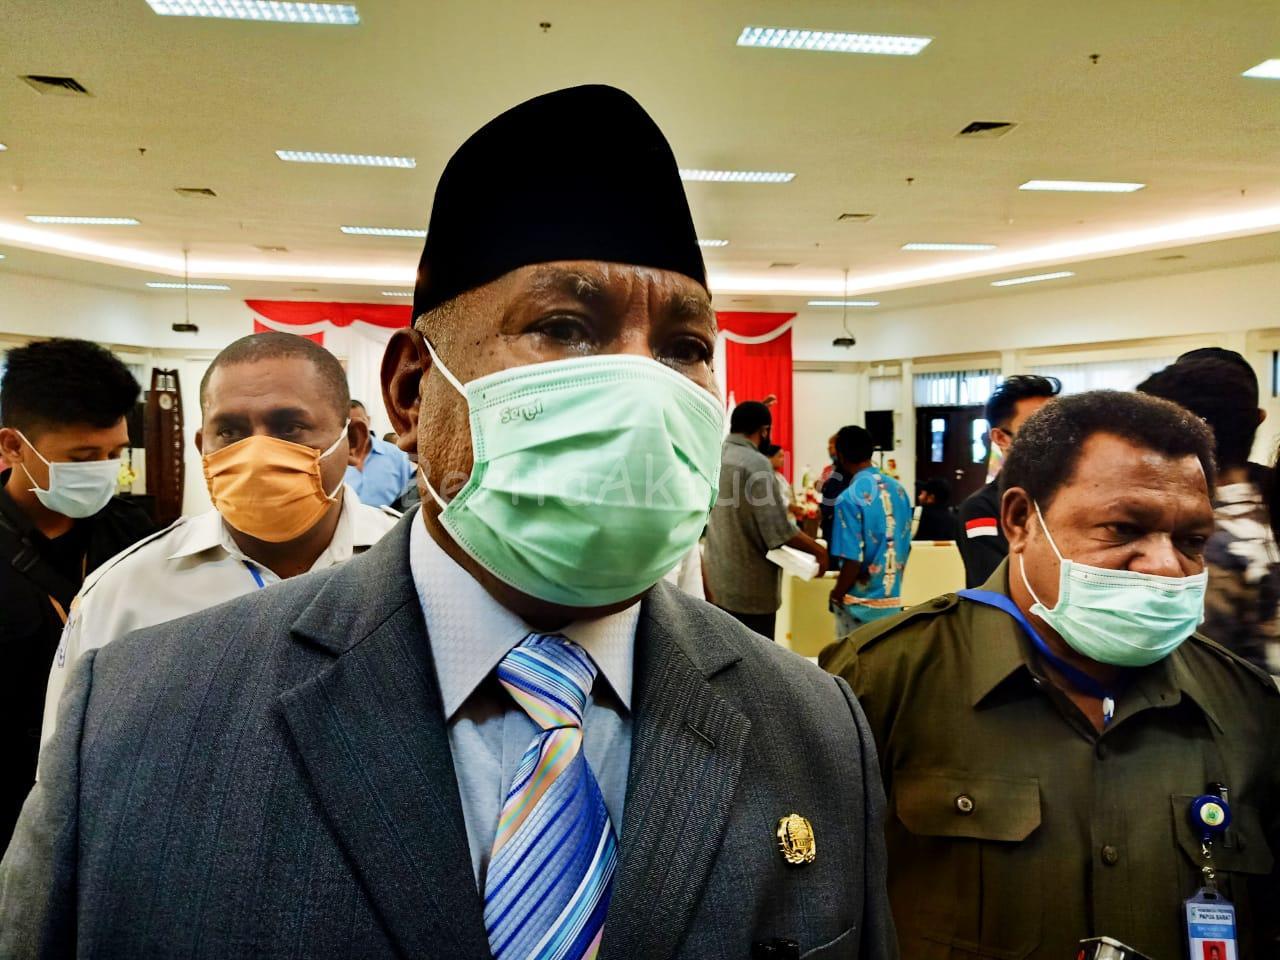 Mandacan: Papua Barat Siap Ikuti New Normal Jika Ada Instruksi Dari Pusat 21 IMG 20200528 WA0073